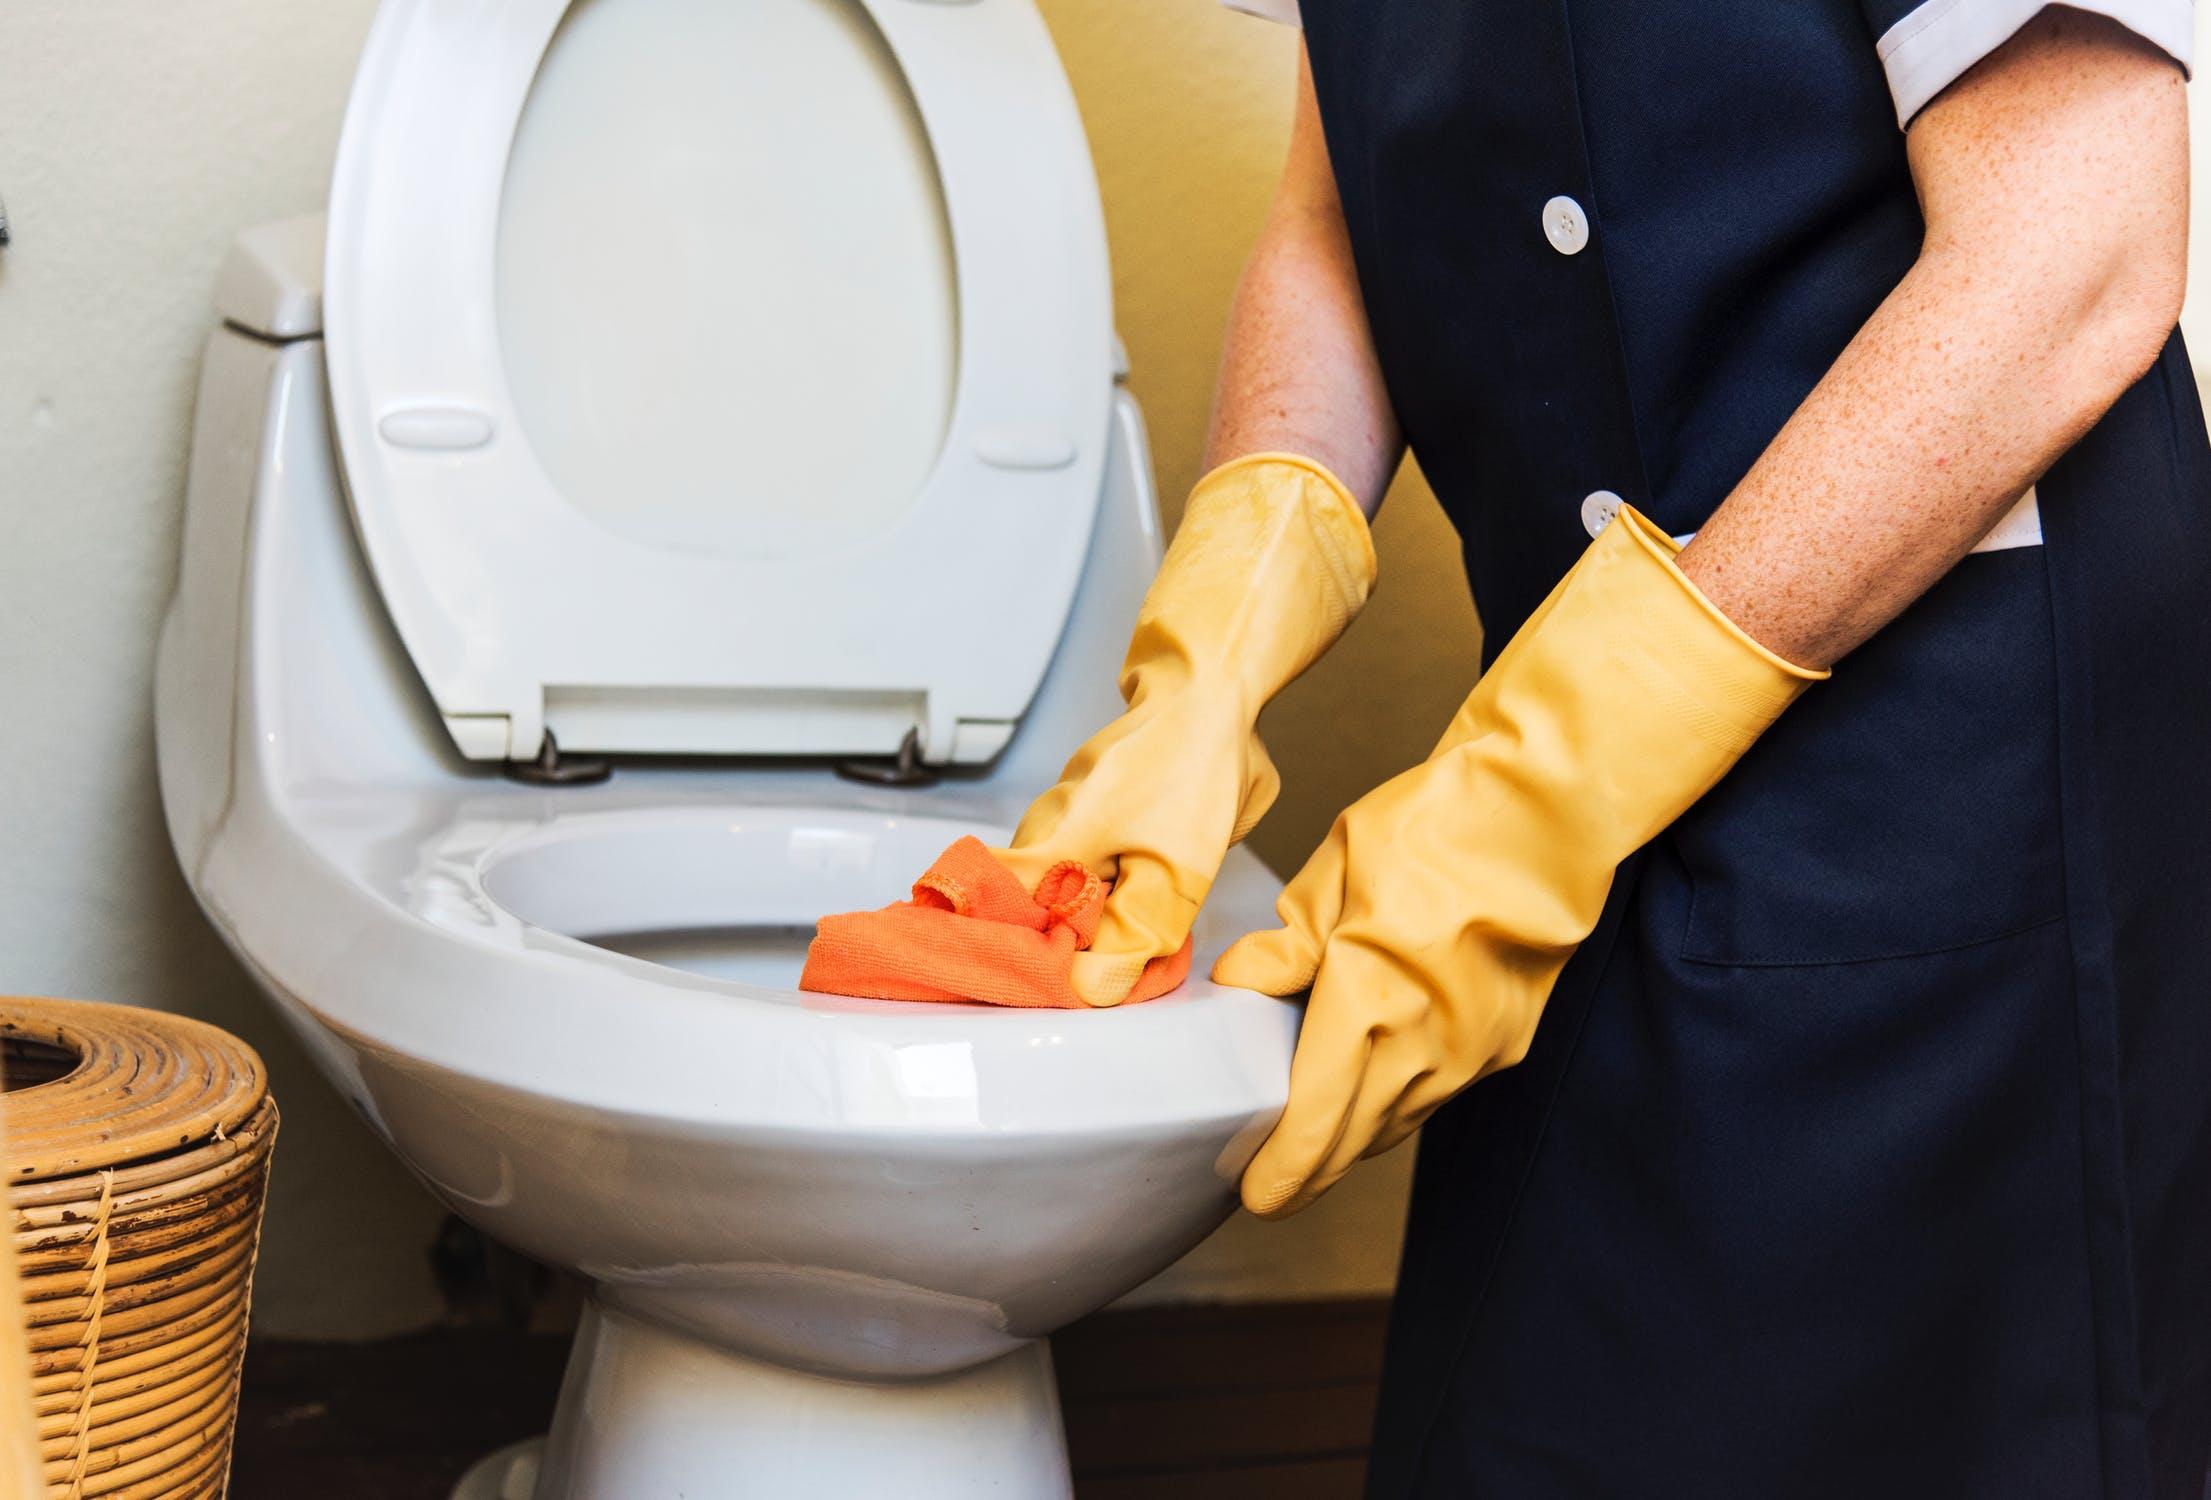 kalksten i toilet